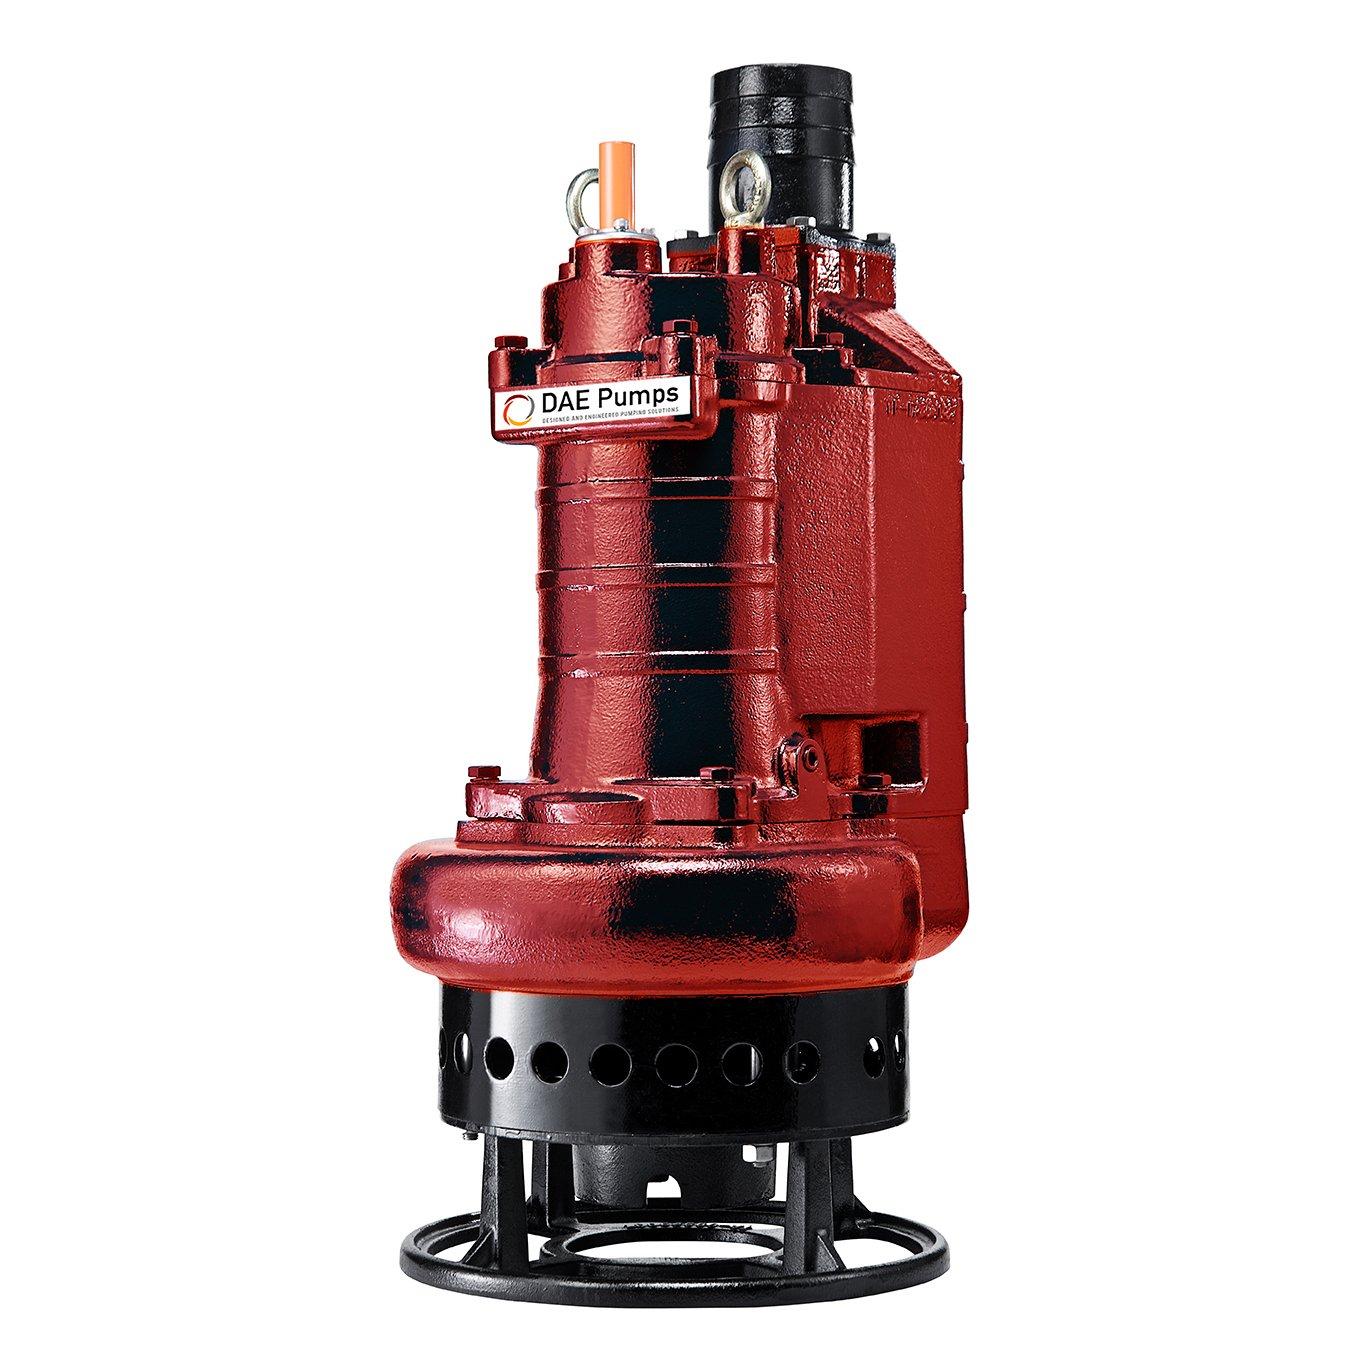 DAE Pumps 455-P Submersible Slurry Pump